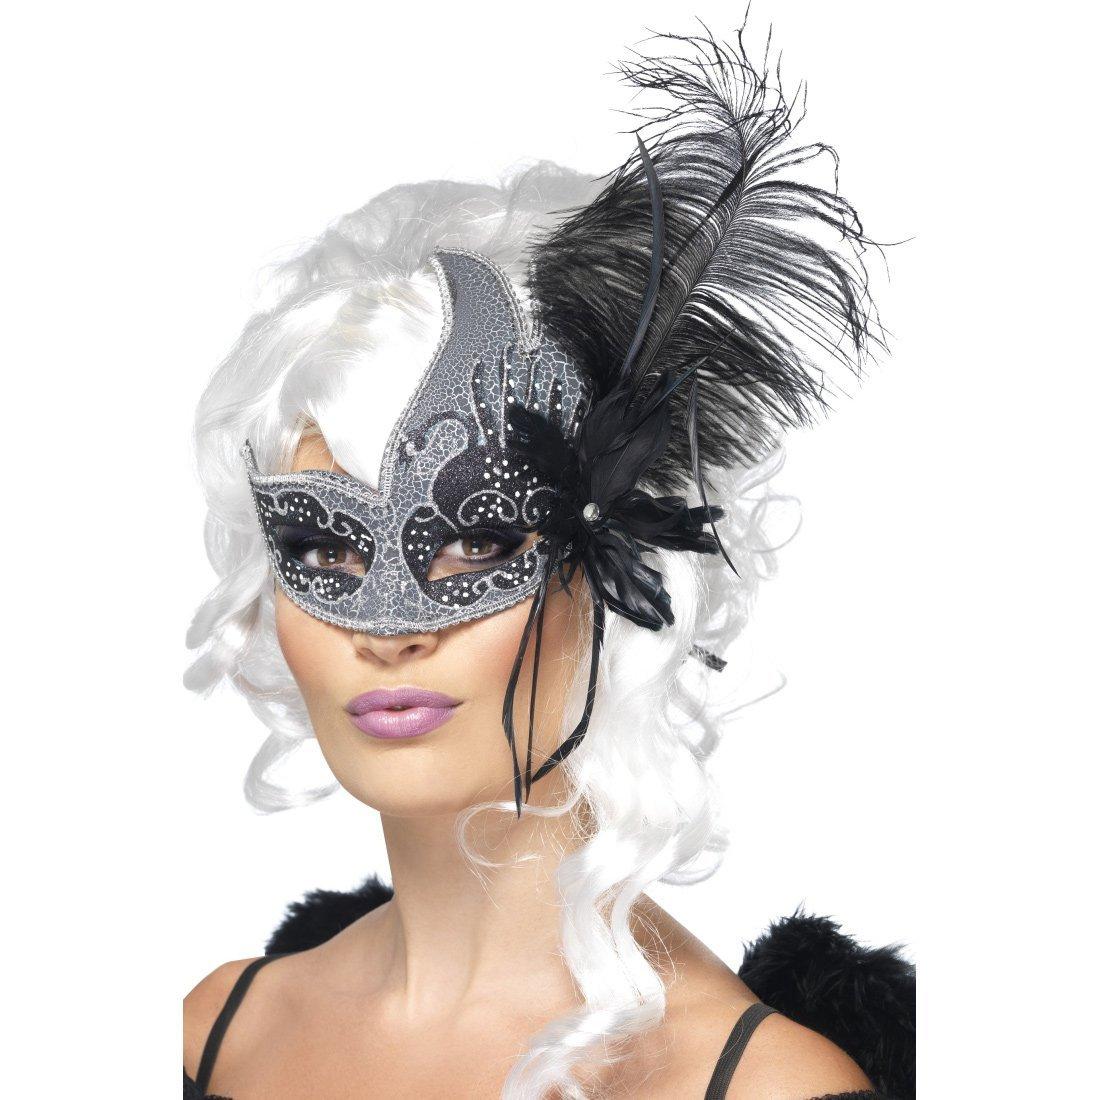 Masque de Bal Pour Femme Masque À Plumes Loup Vénitien Masque Avec Plumes Masque D'Opéra Masque de Carnaval